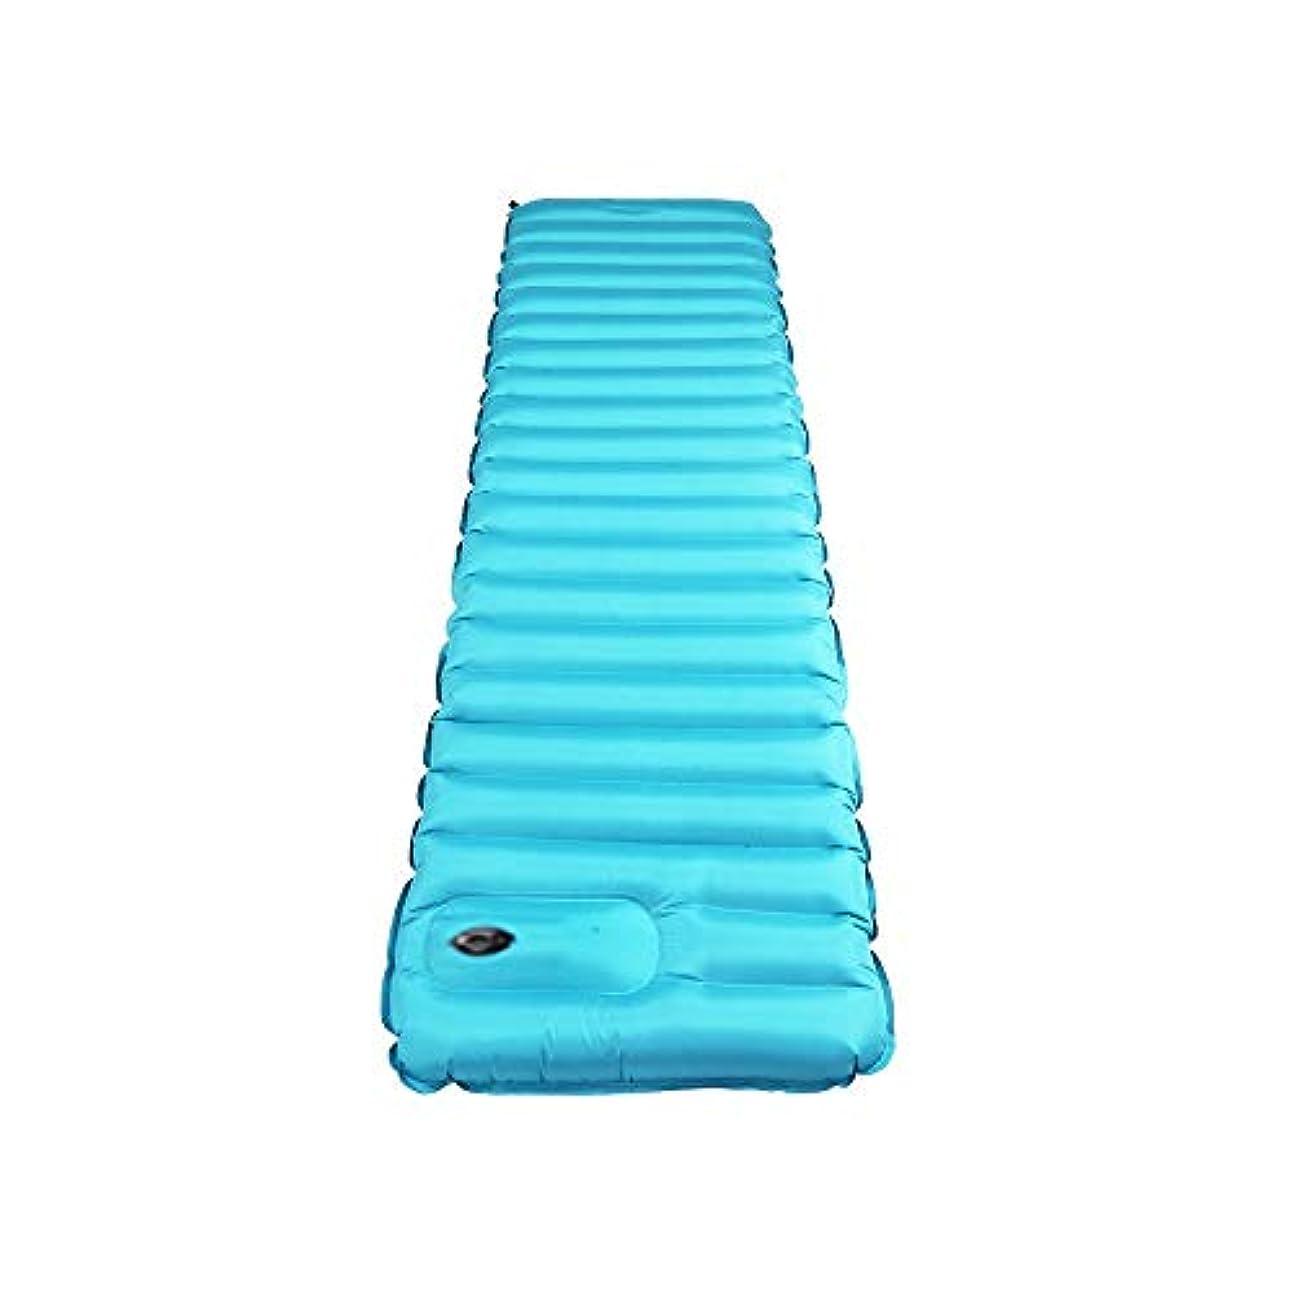 選択するイタリアの鳩屋外防湿バッグ超軽量インフレータブルクッション屋外テントスリーピングパッドキャンプマットシングル拡大肥厚マット、183×50×9センチ、195×70×9センチ (Size : 195X70X9cm)